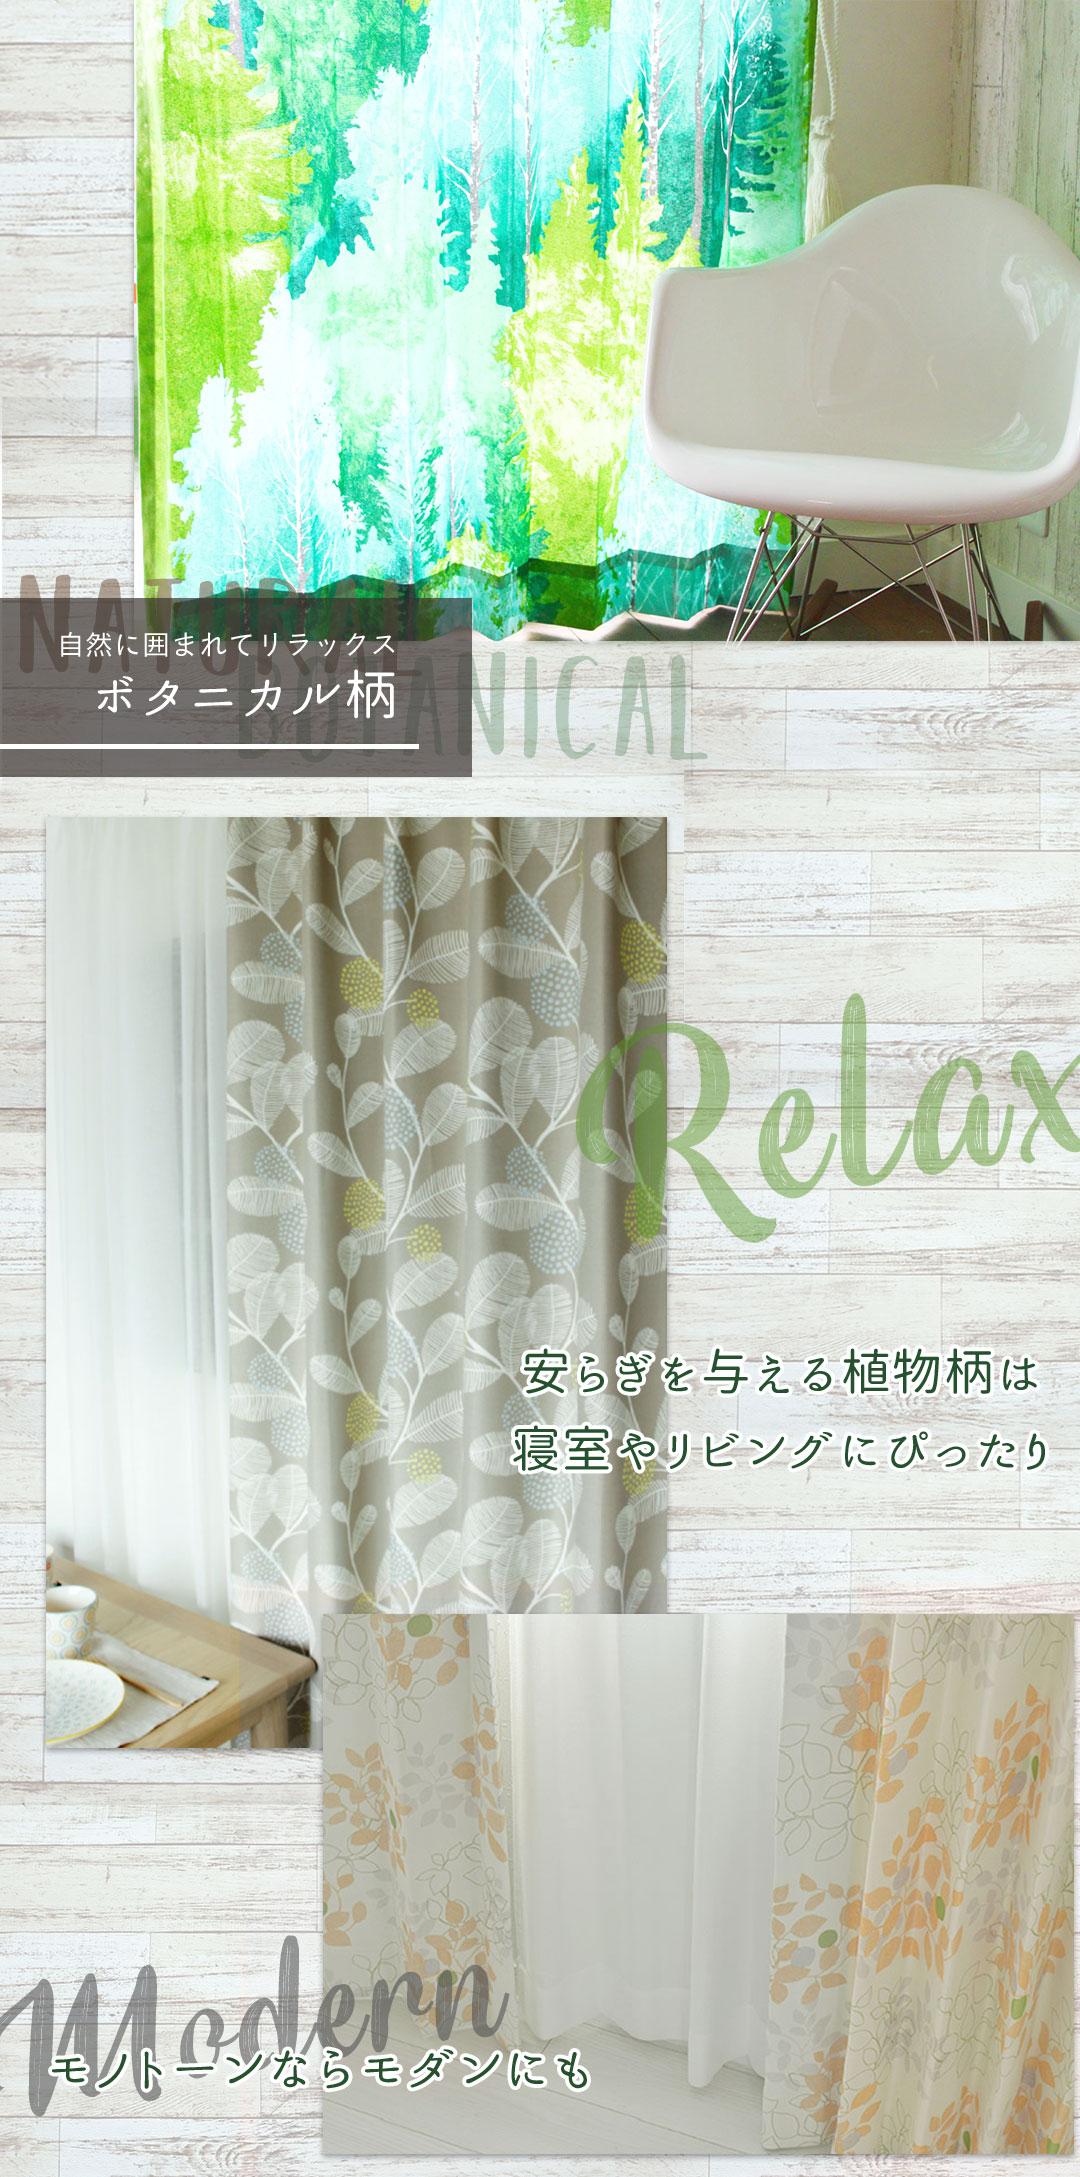 ボタニカル柄のカーテンで自然に囲まれゆったりリラックス